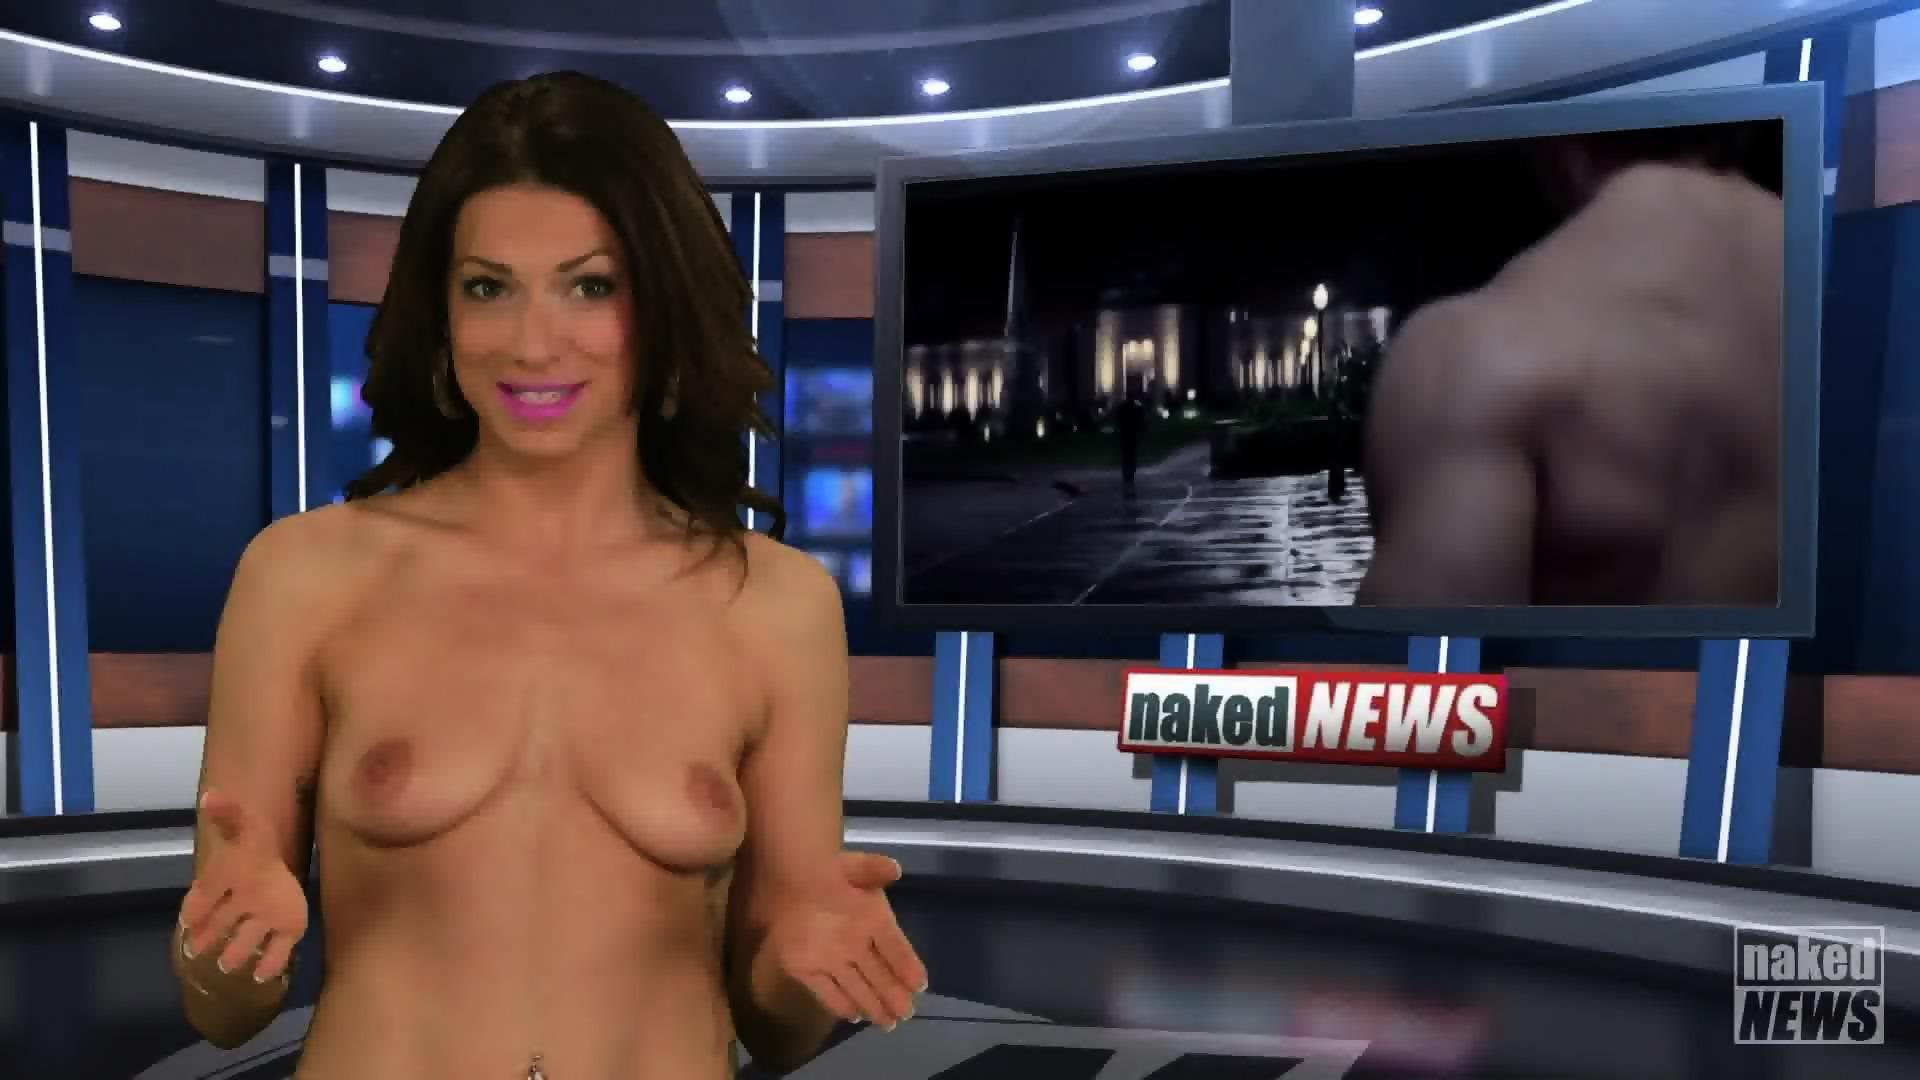 Смотреть видео голых русских телеведущих